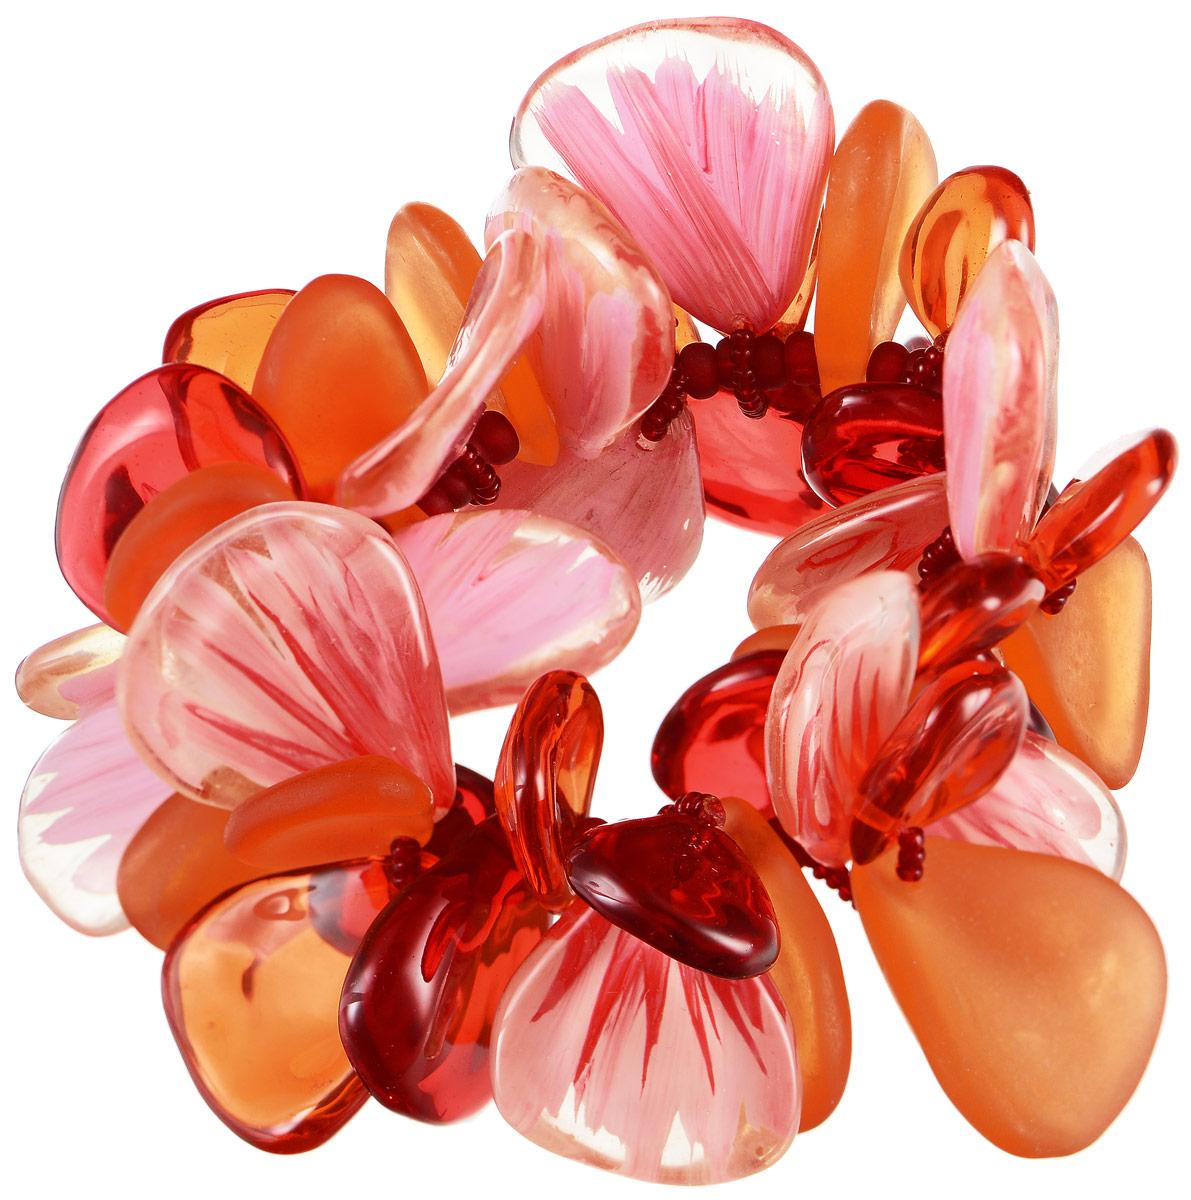 Браслет Lalo Treasures Me & the Others, цвет: красный, розовый, оранжевый. B2430B2430Оригинальный браслет Lalo Treasures Me & the Others выполнен из ювелирной смолы. Декоративные элементы в форме лепестков собраны на эластичной основе, которая делает размер изделия универсальным и позволит браслету идеально разместиться на запястье. Стильное украшение поможет дополнить любой образ и привнести в него завершающий яркий штрих.